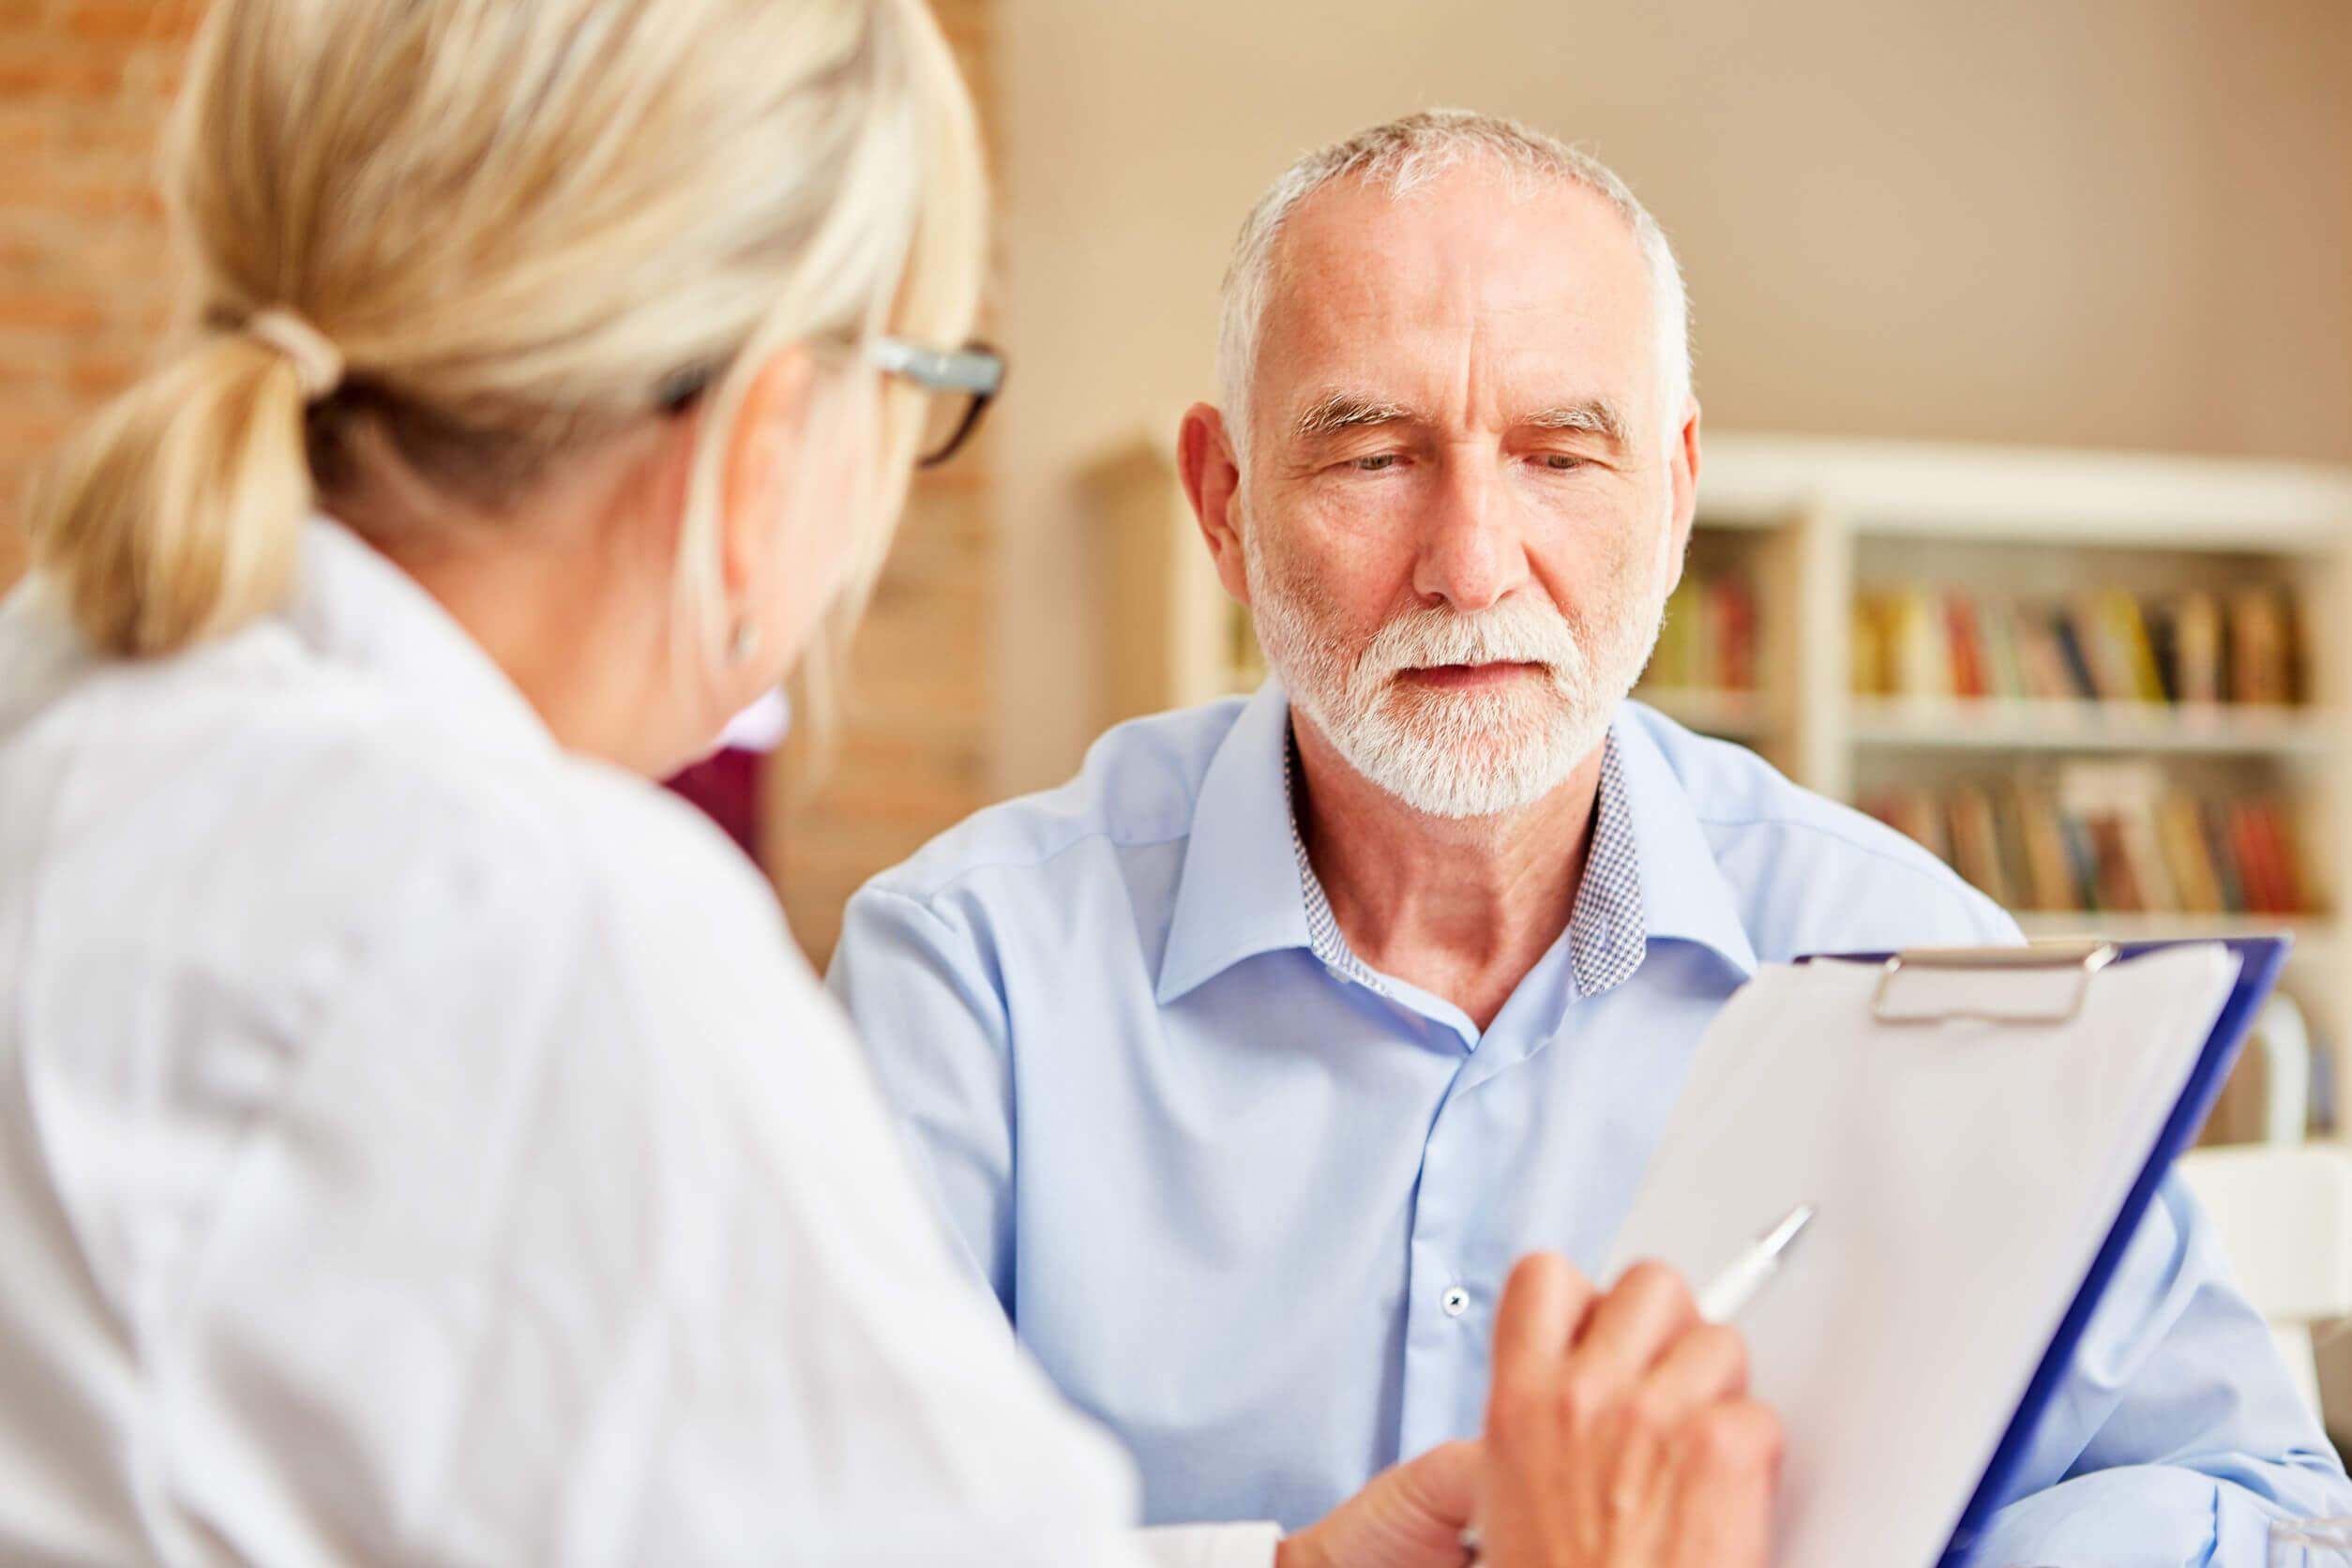 Diagnosi di celiachia nelle persone anziane